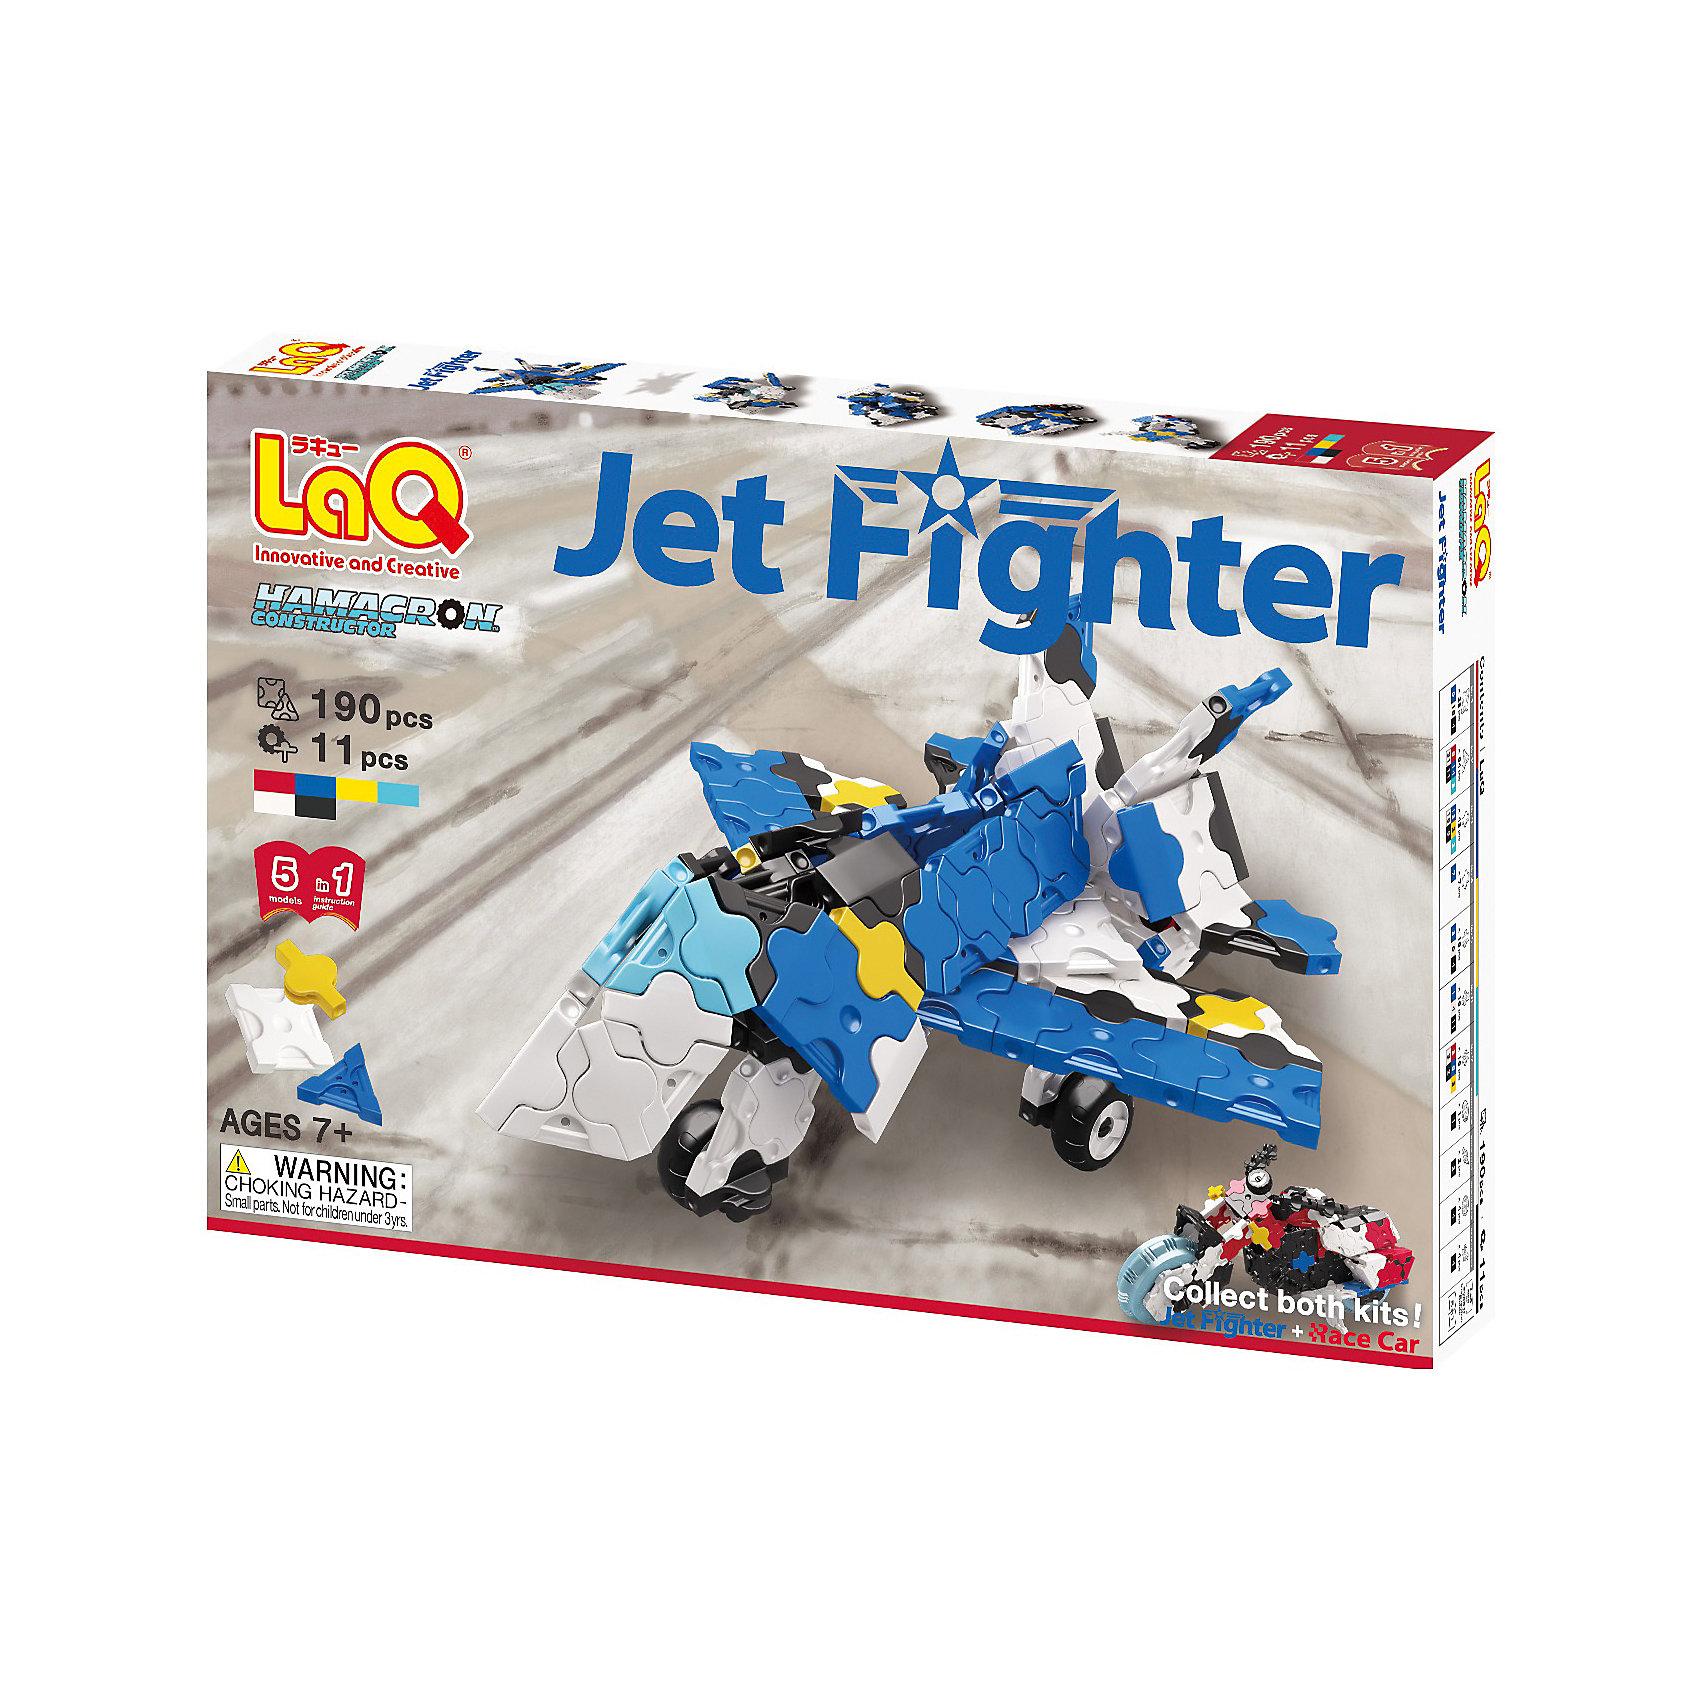 Конструктор Jet Fighter, 190 деталей, LaQПластмассовые конструкторы<br>Конструктор Jet Fighter состоит из 190 оригинальных деталей, из которых ребенок с легкостью сможет собрать различные транспортные средства. В наборе имеются яркие детали с формой треугольника и квадрата, с пятью удобными боковыми креплениями, которые можно соединять как прямо, так и с наклоном. Игра с конструктором развивает воображение, мелкую моторику и усидчивость. Соединять детали невероятно просто, что позволит детям с удовольствием!<br><br>Дополнительная информация:<br>В наборе: 190 деталей(6 цветов), инструкция <br>Материал: пластик<br>Размер упаковки: 24х16х4 см<br>Конструктор Jet Fighter можно приобрести в нашем интернет-магазине.<br><br>Ширина мм: 240<br>Глубина мм: 40<br>Высота мм: 160<br>Вес г: 257<br>Возраст от месяцев: 84<br>Возраст до месяцев: 1188<br>Пол: Мужской<br>Возраст: Детский<br>SKU: 4944575